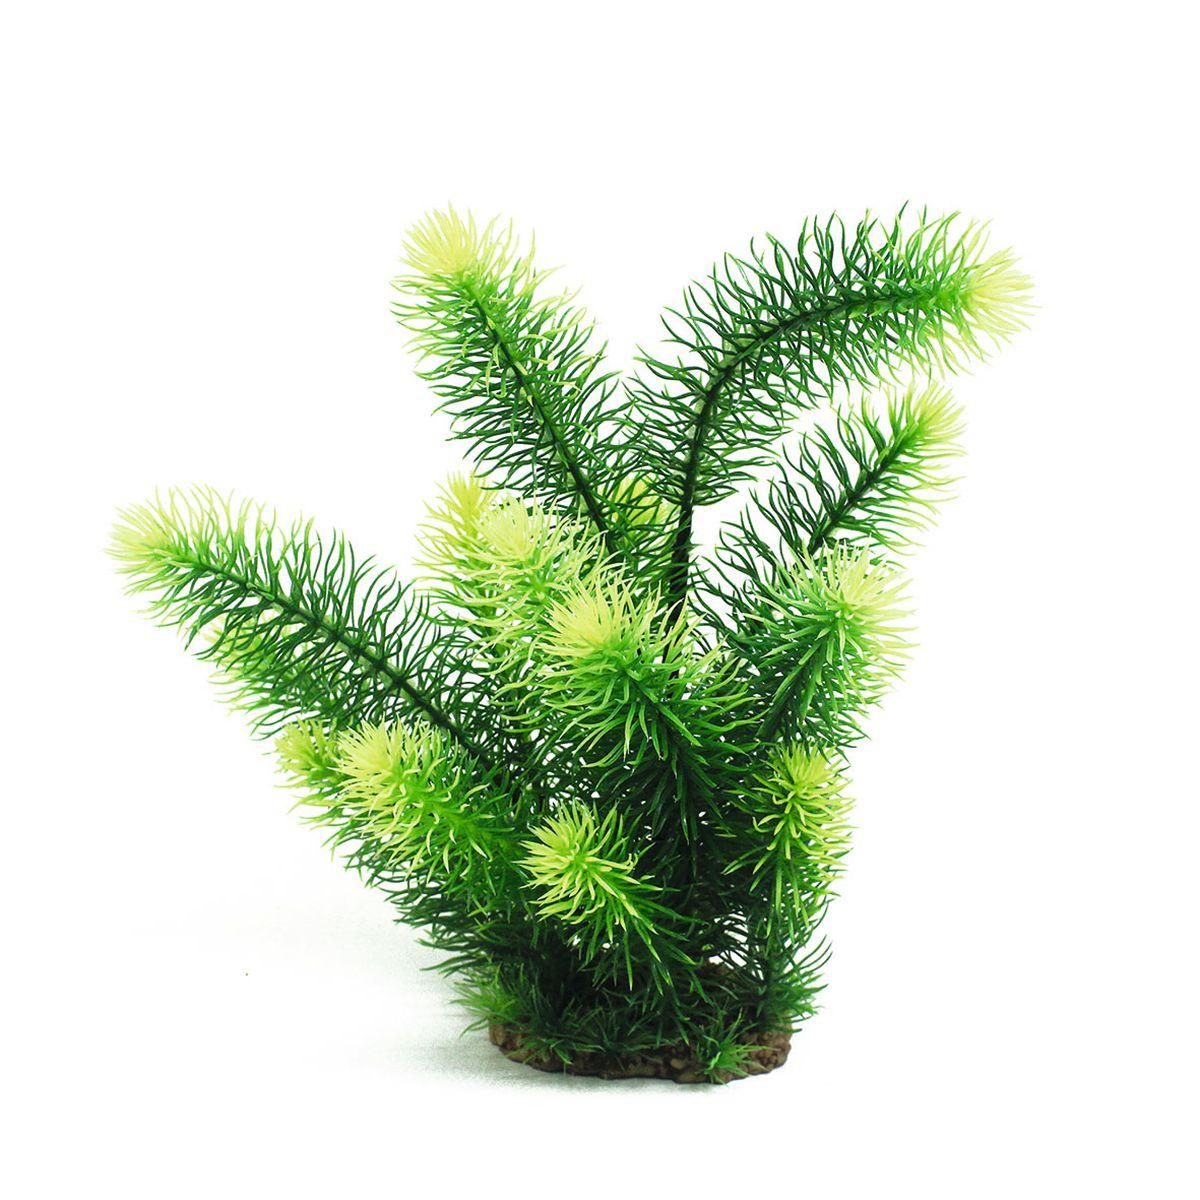 Растение для аквариума ArtUniq Погостемон эректус, высота 30 смART-1160571Растение для аквариума ArtUniq Погостемон эректус, высота 30 см